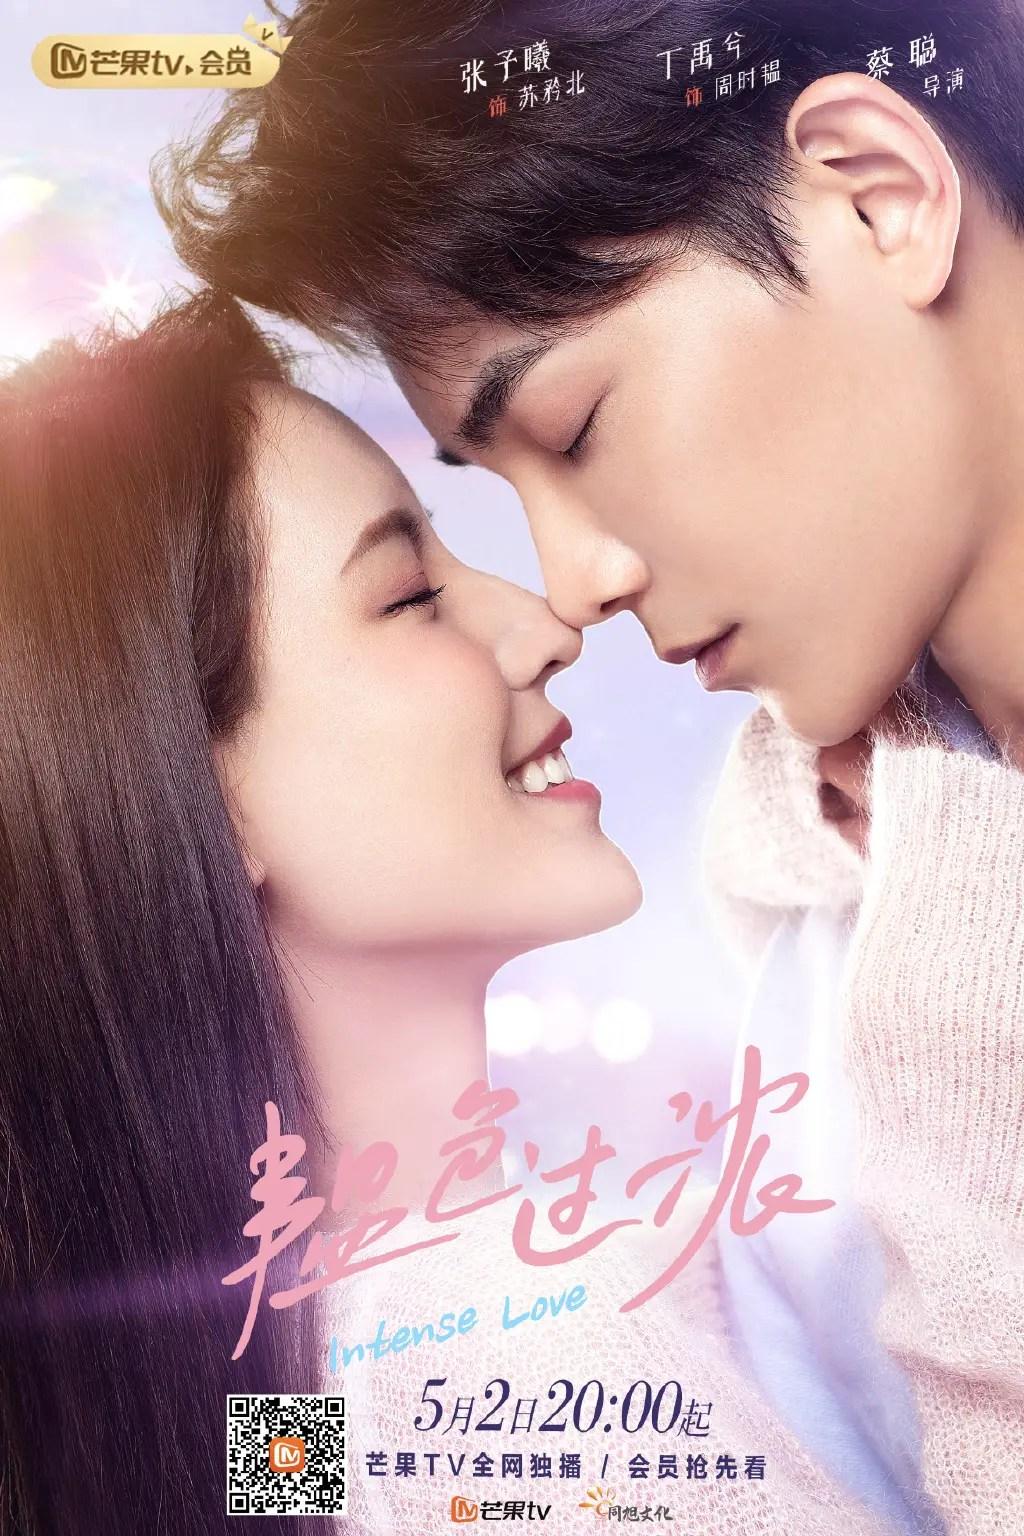 Intense Love Drama Poster